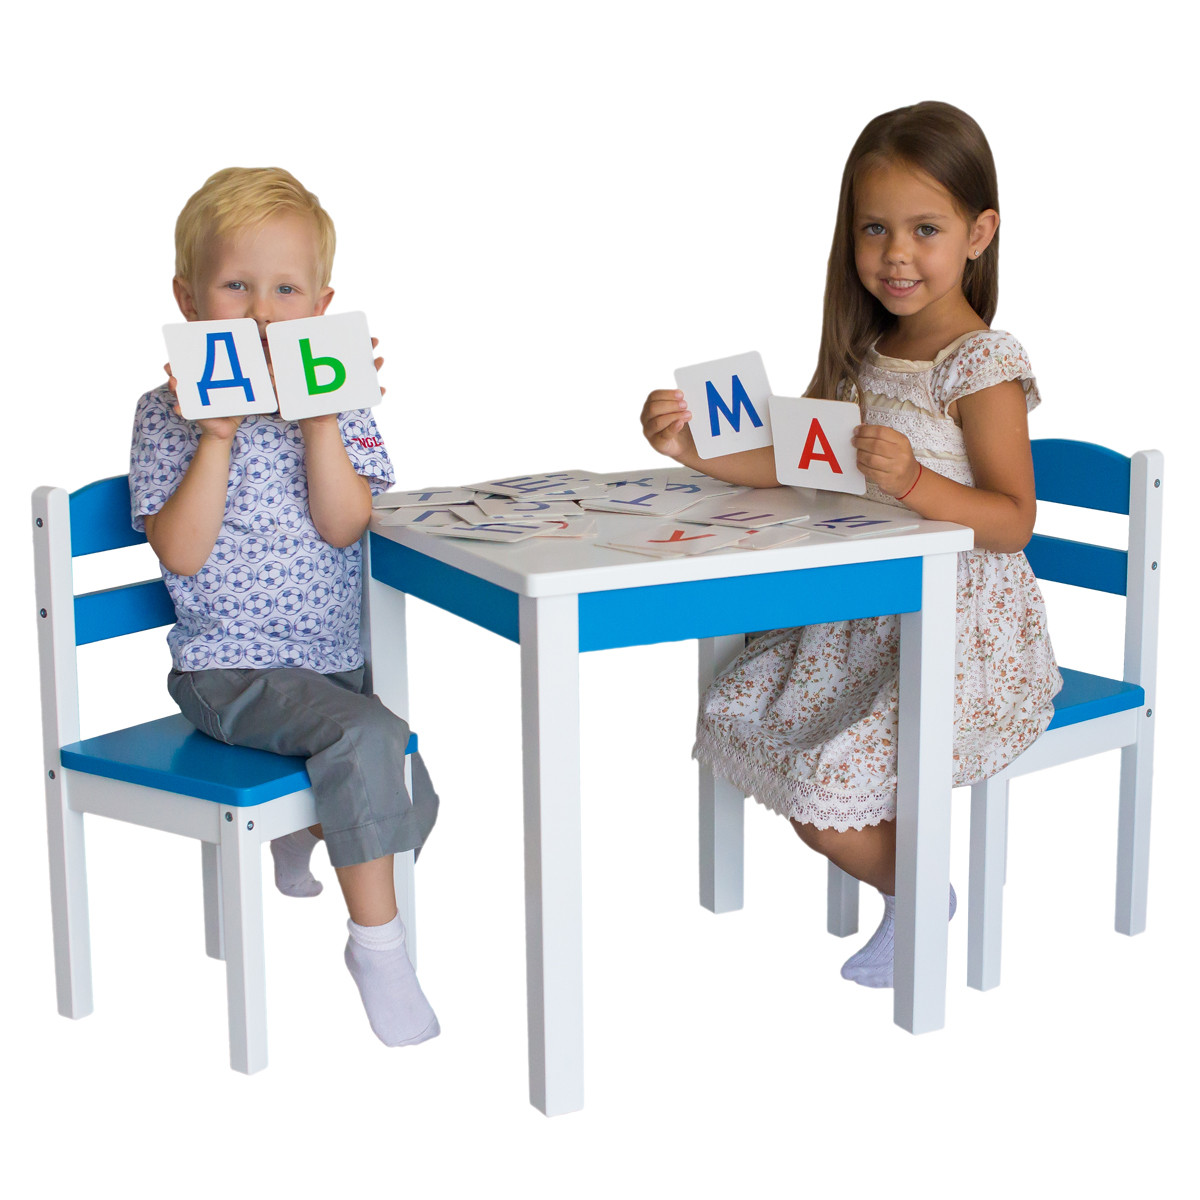 Купити дитячі столи та стільці від виробника Київ